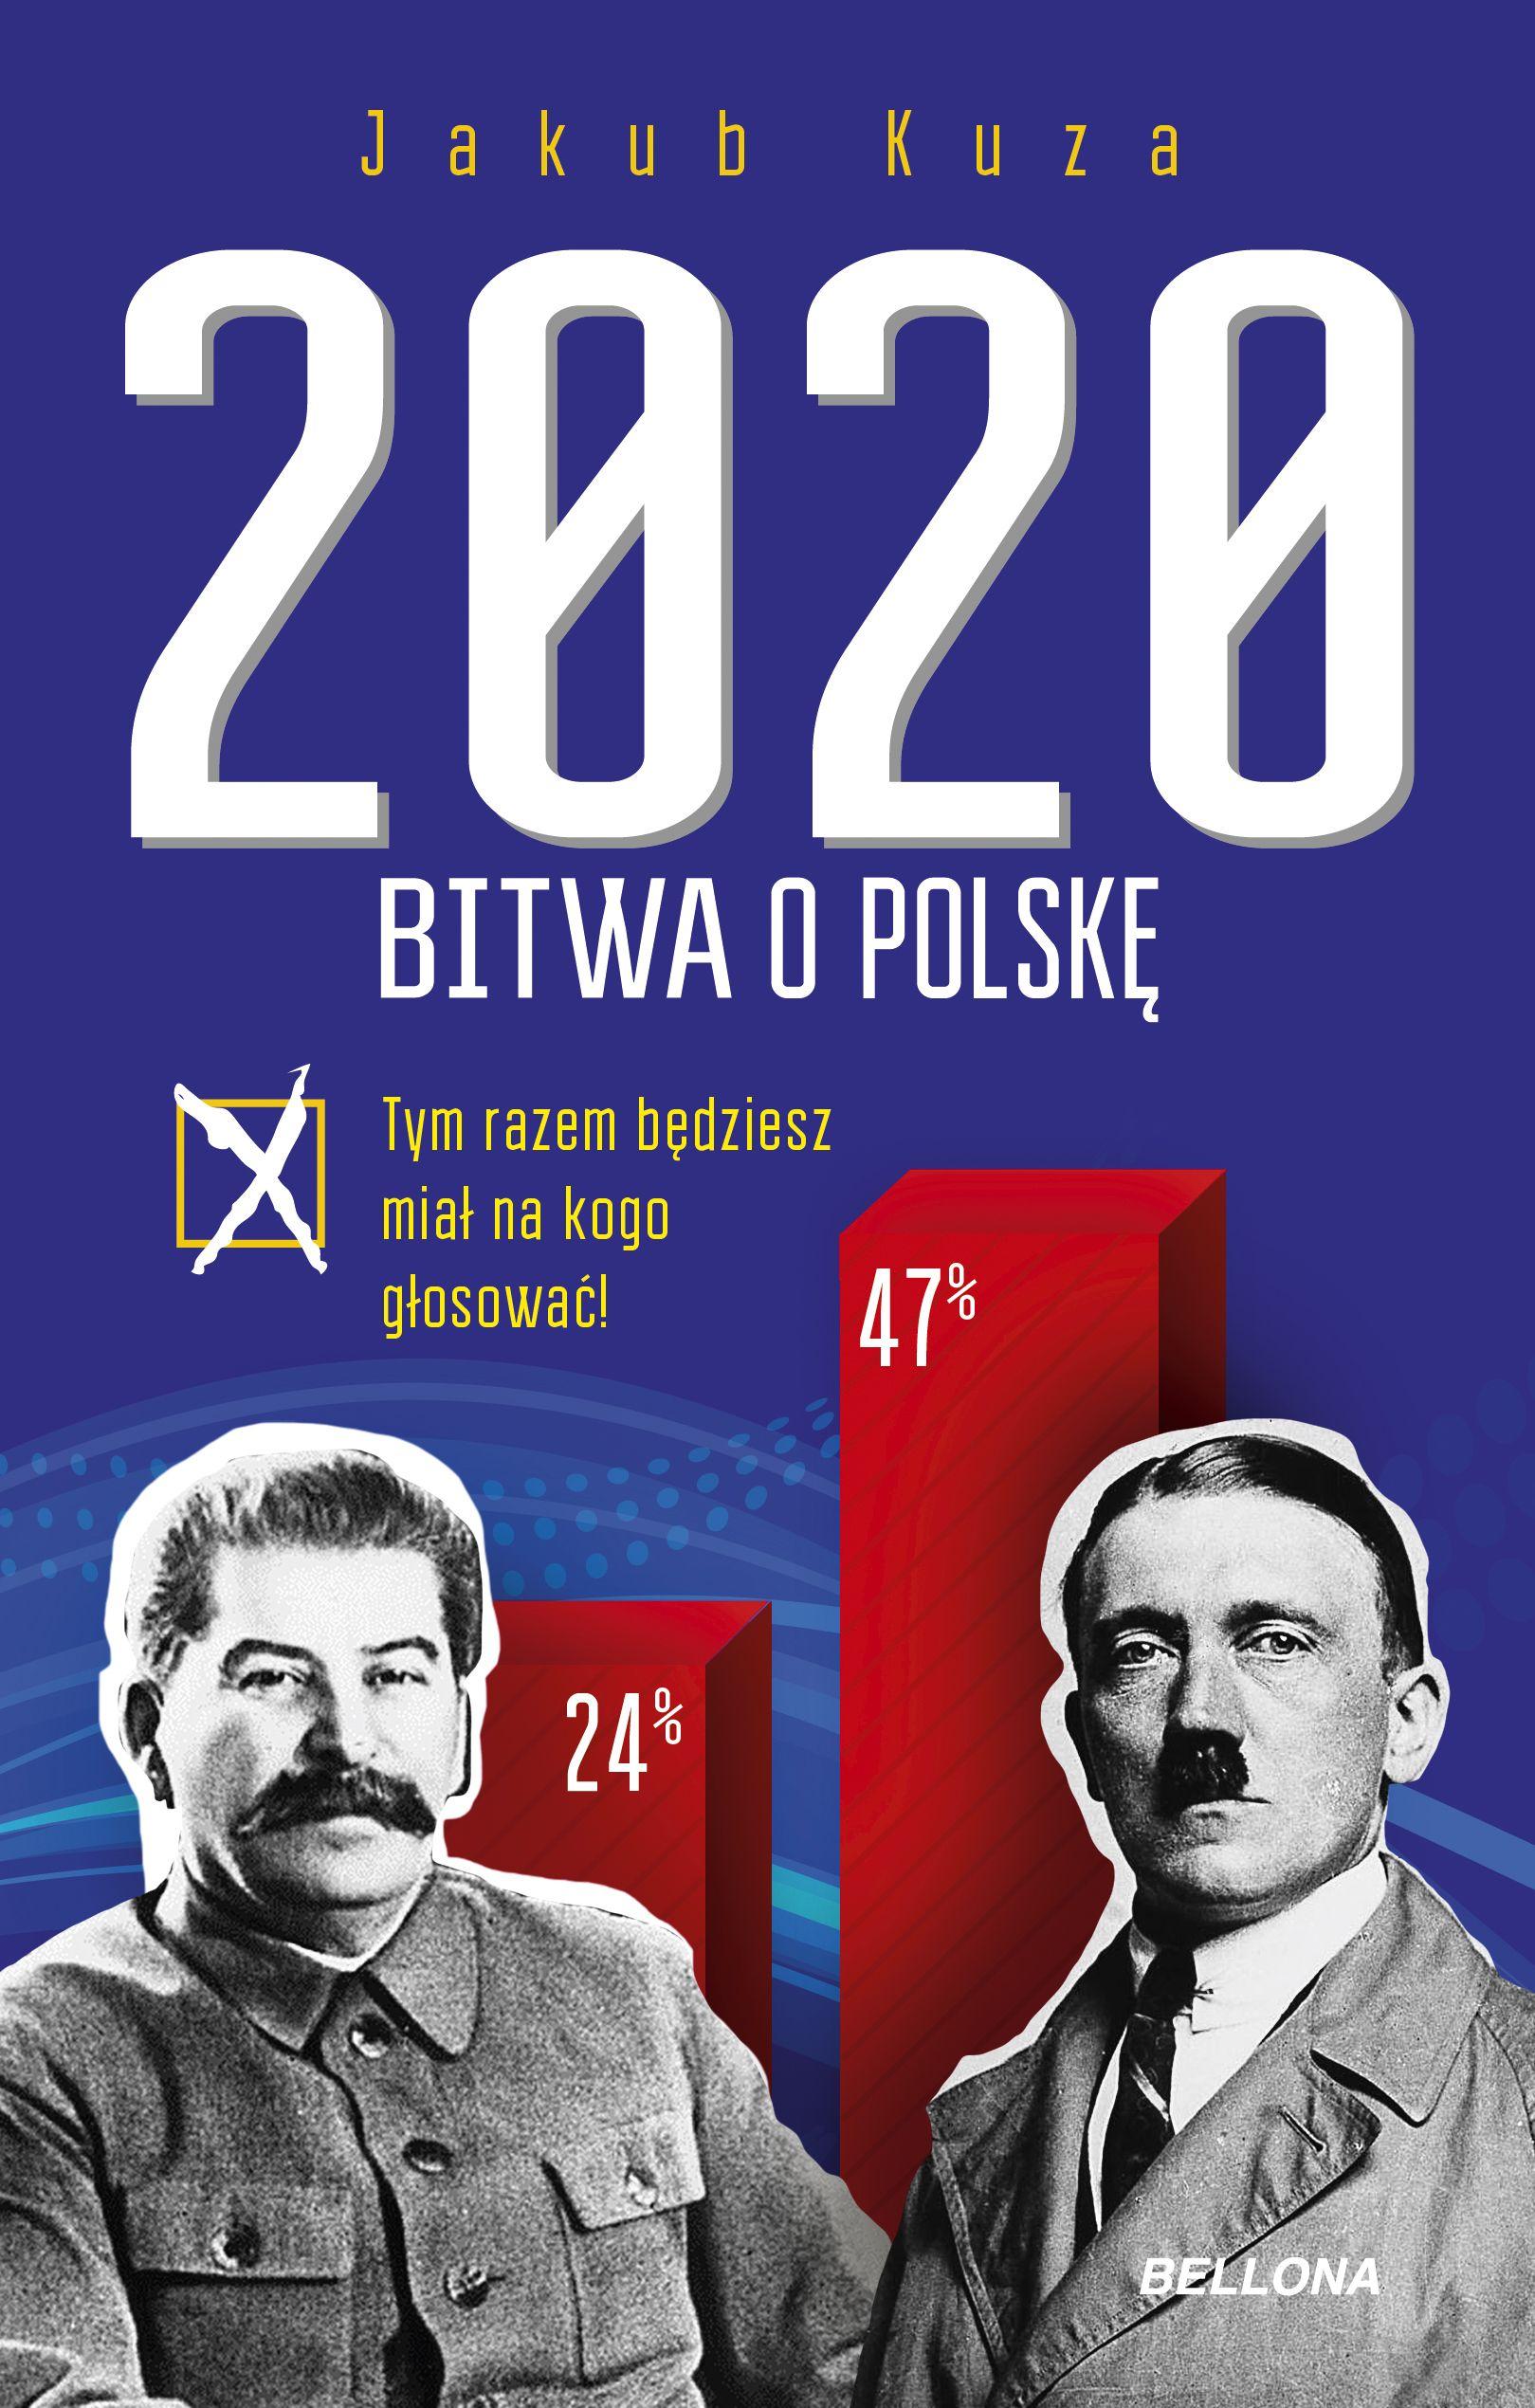 """Najnowsza książka Jakuba Kuzy """"Bitwa o Polskę 2020"""" (Bellona 2018) to prowokująca opowieść o przyszłości, w której w wyborach prezydenckich pojawia się dwóch kandydatów: Stalin i Hitler."""